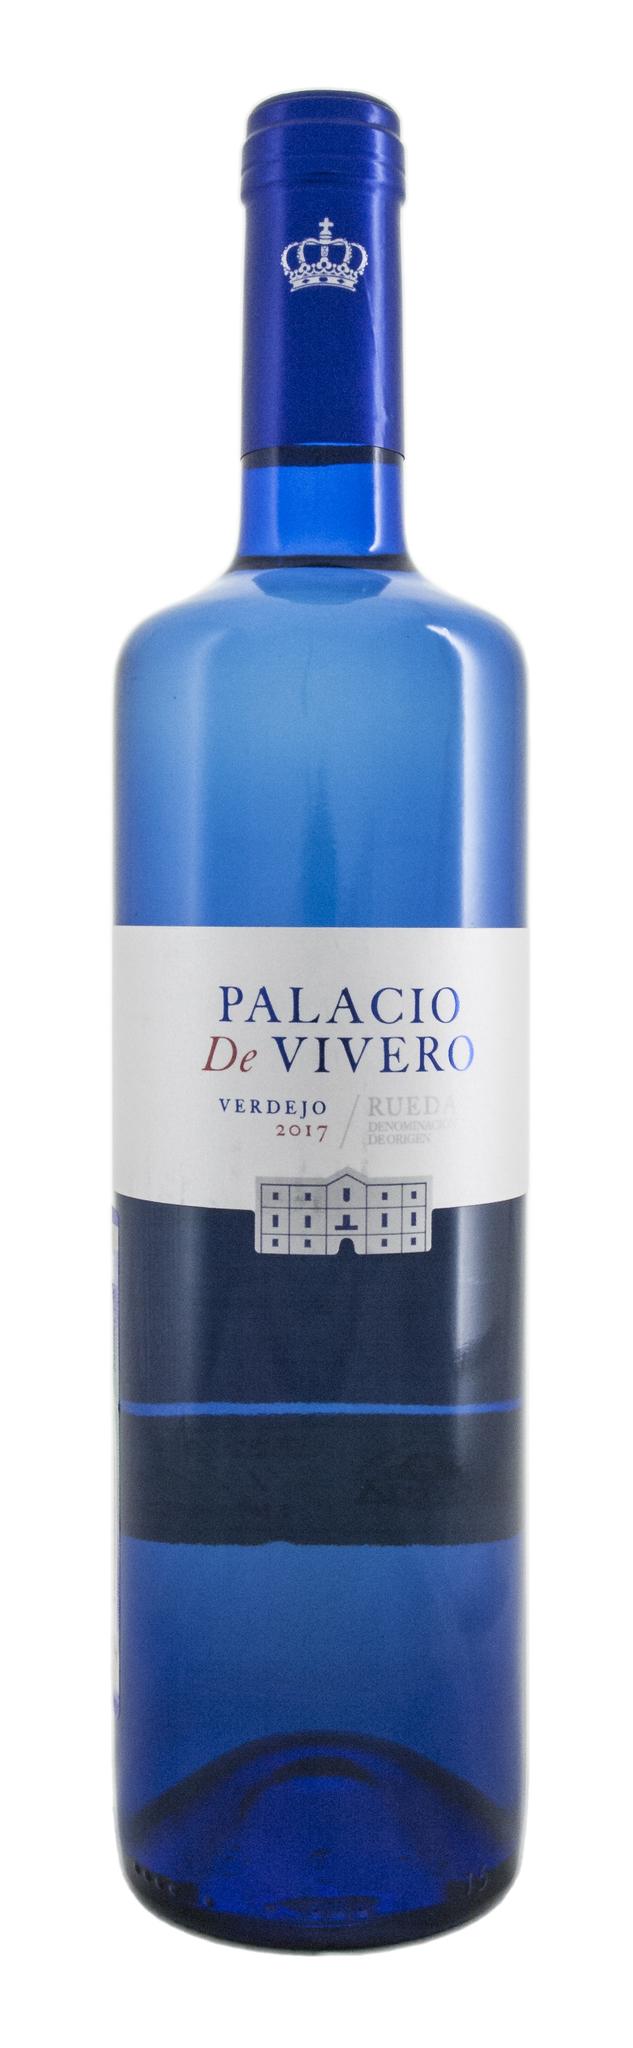 Вино Паласио де Виверо Вердехо з.н.м.п. белое сухое категории DO рег.Руэда  0,75 л Испания